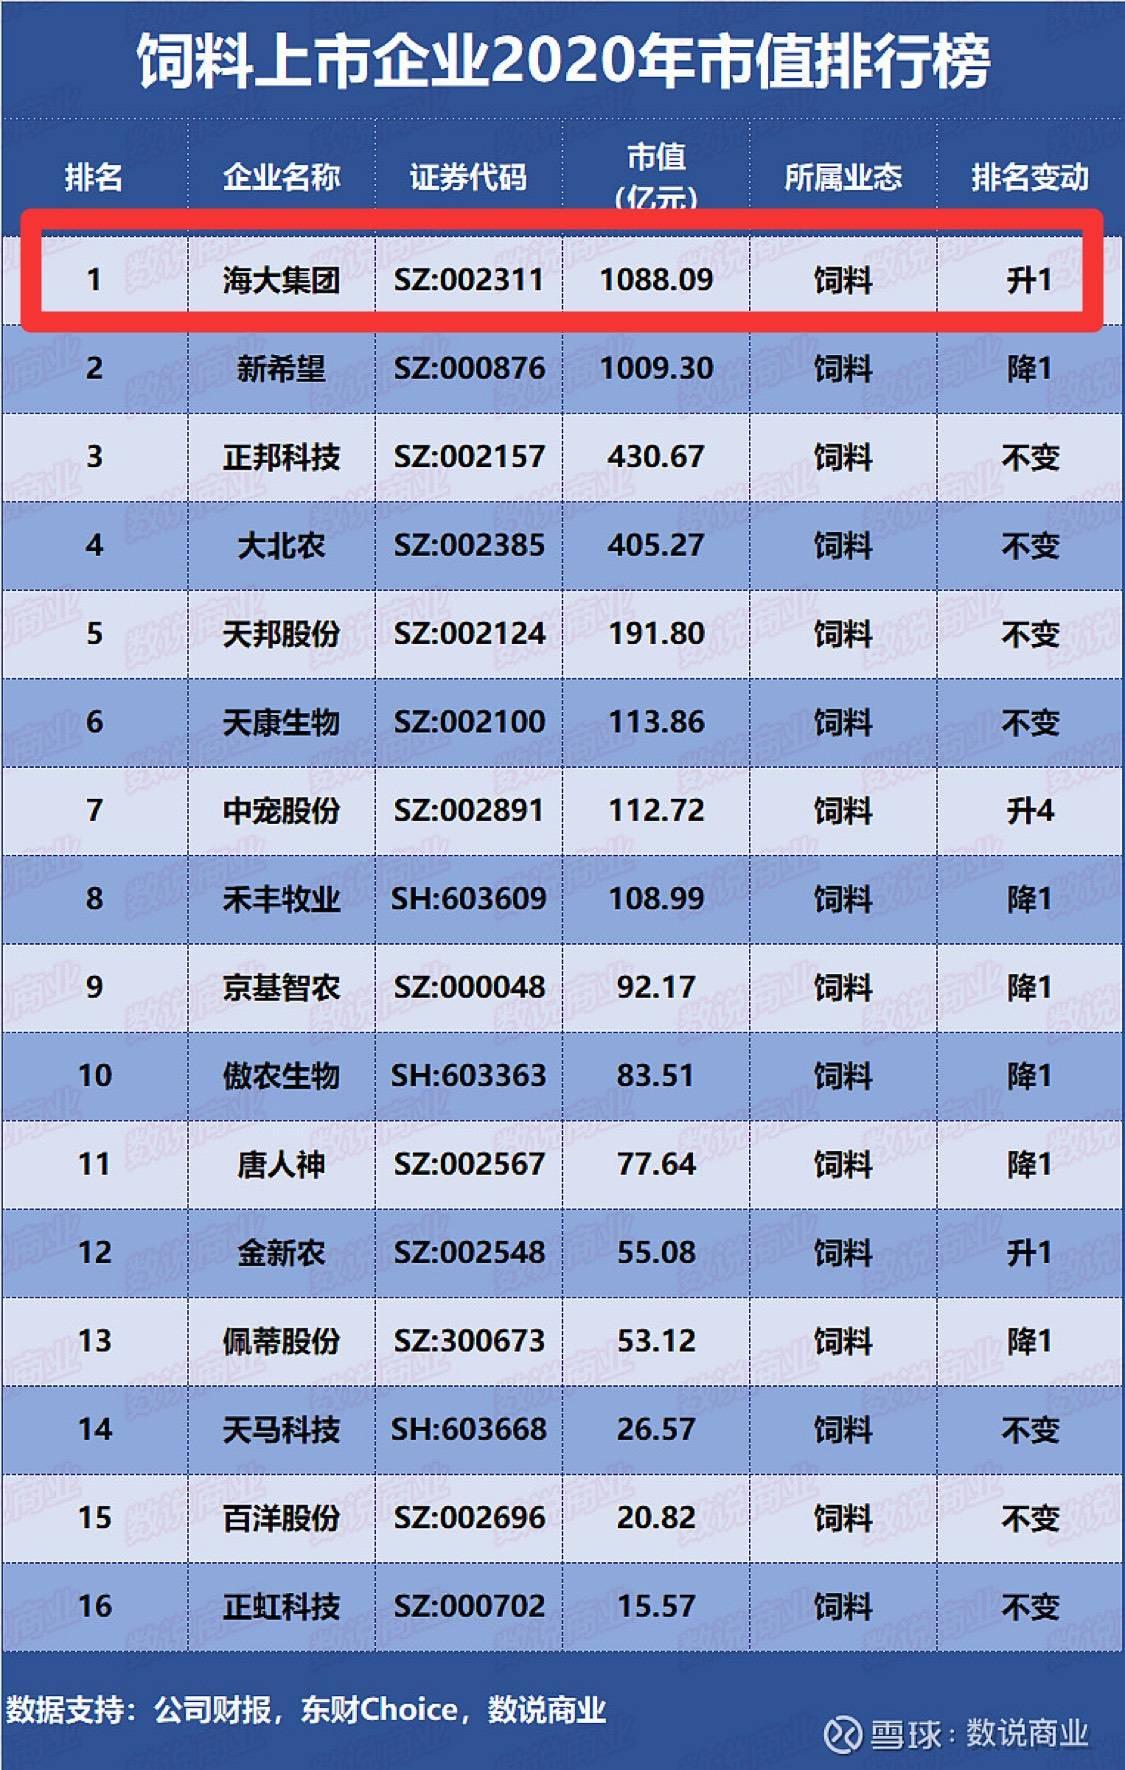 乳猪料排行_2020年中国顶尖饲料企业排行榜!行业发展现状、市场竞争格局及未来...